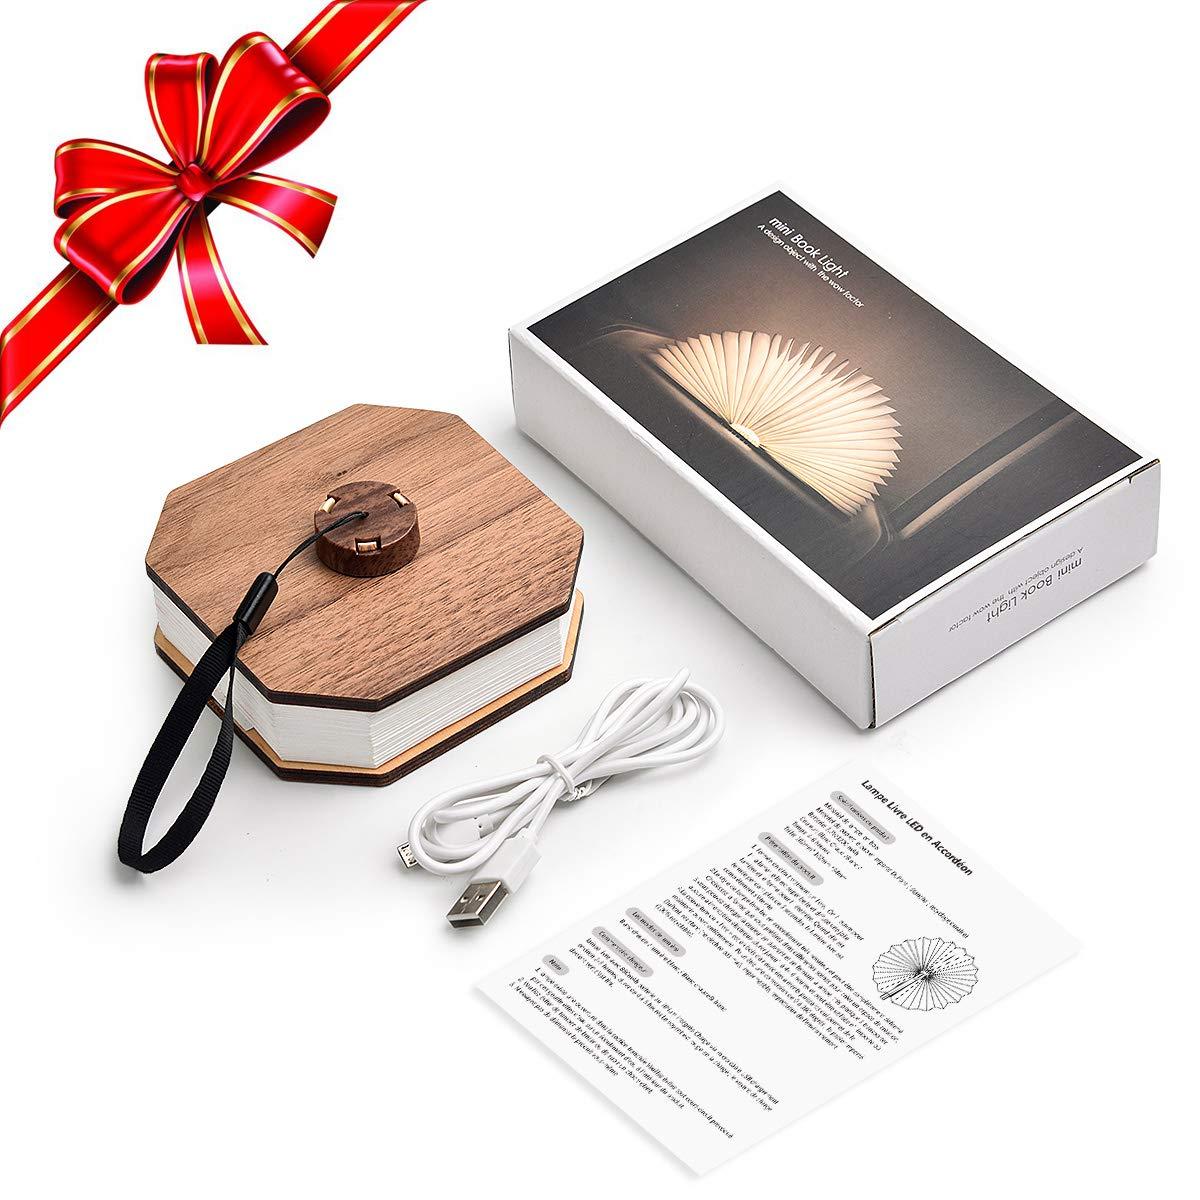 LED Buchlampe Stimmungslicht dekorative Buch Lampe JOLVVN 360/° faltbar Deko Lampen Buchformig Nachtlicht 3 Modi warmwei/ß Licht Weihnacht Geschenk f/ür Frauen Eltern Kinder M/ädchen